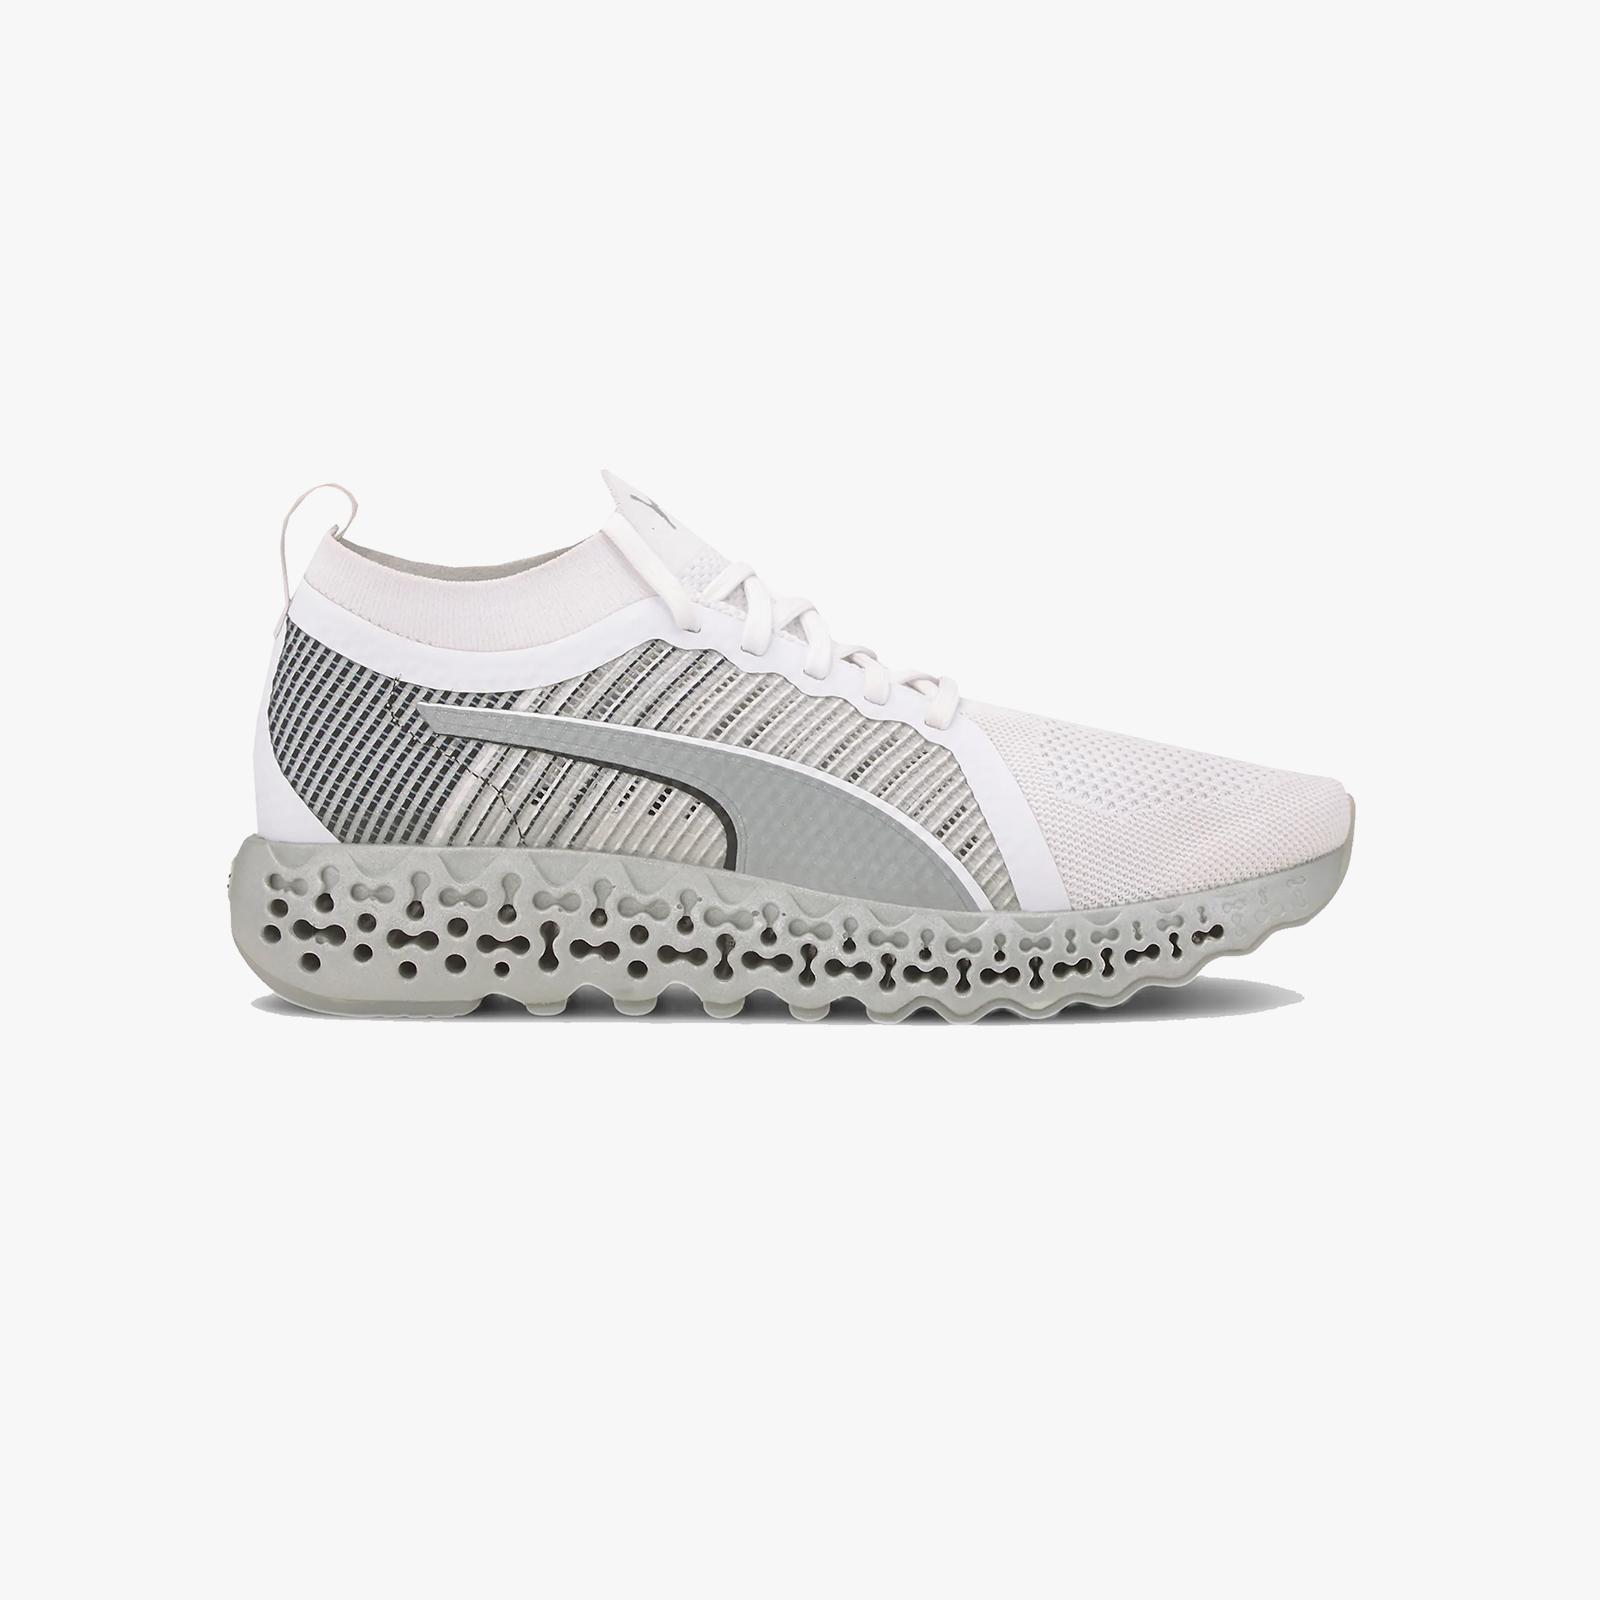 Puma Calibrate Runner - 194502-01 - SNS | sneakers & streetwear ...